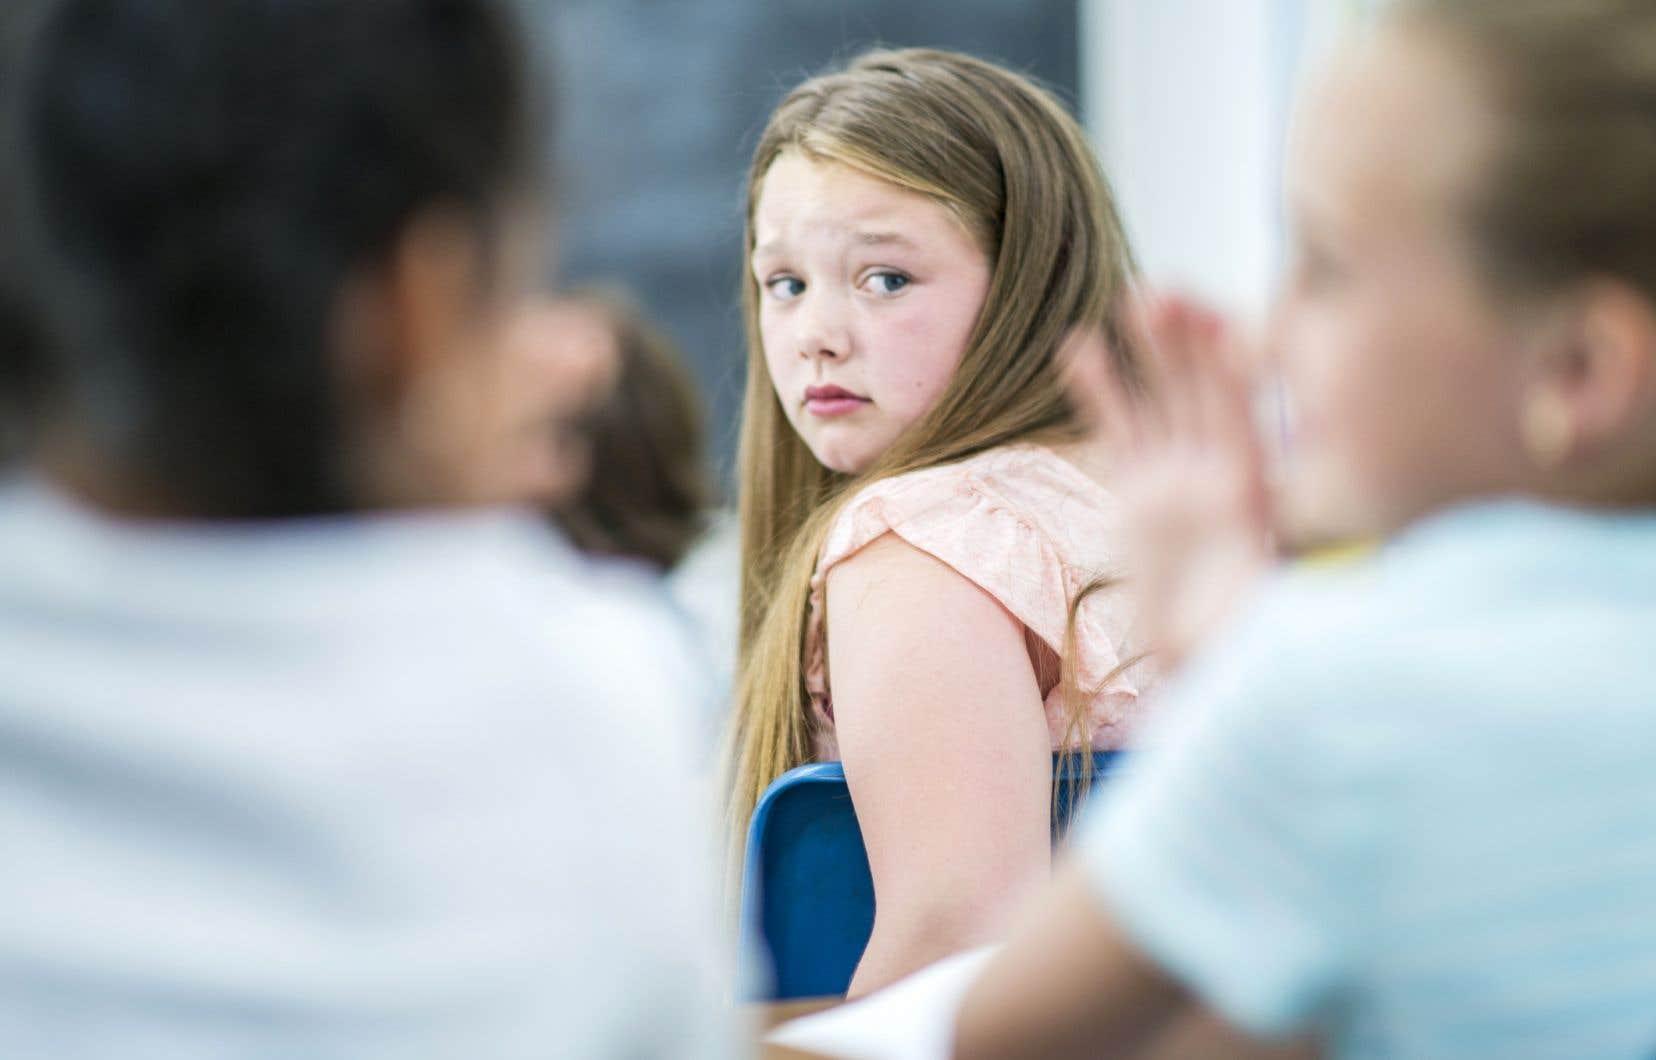 Dans bien des cas, l'intimidation est un comportement adaptatif pour un enfant, un adolescent ou un adulte, explique Tony Volk de l'Université Brock.